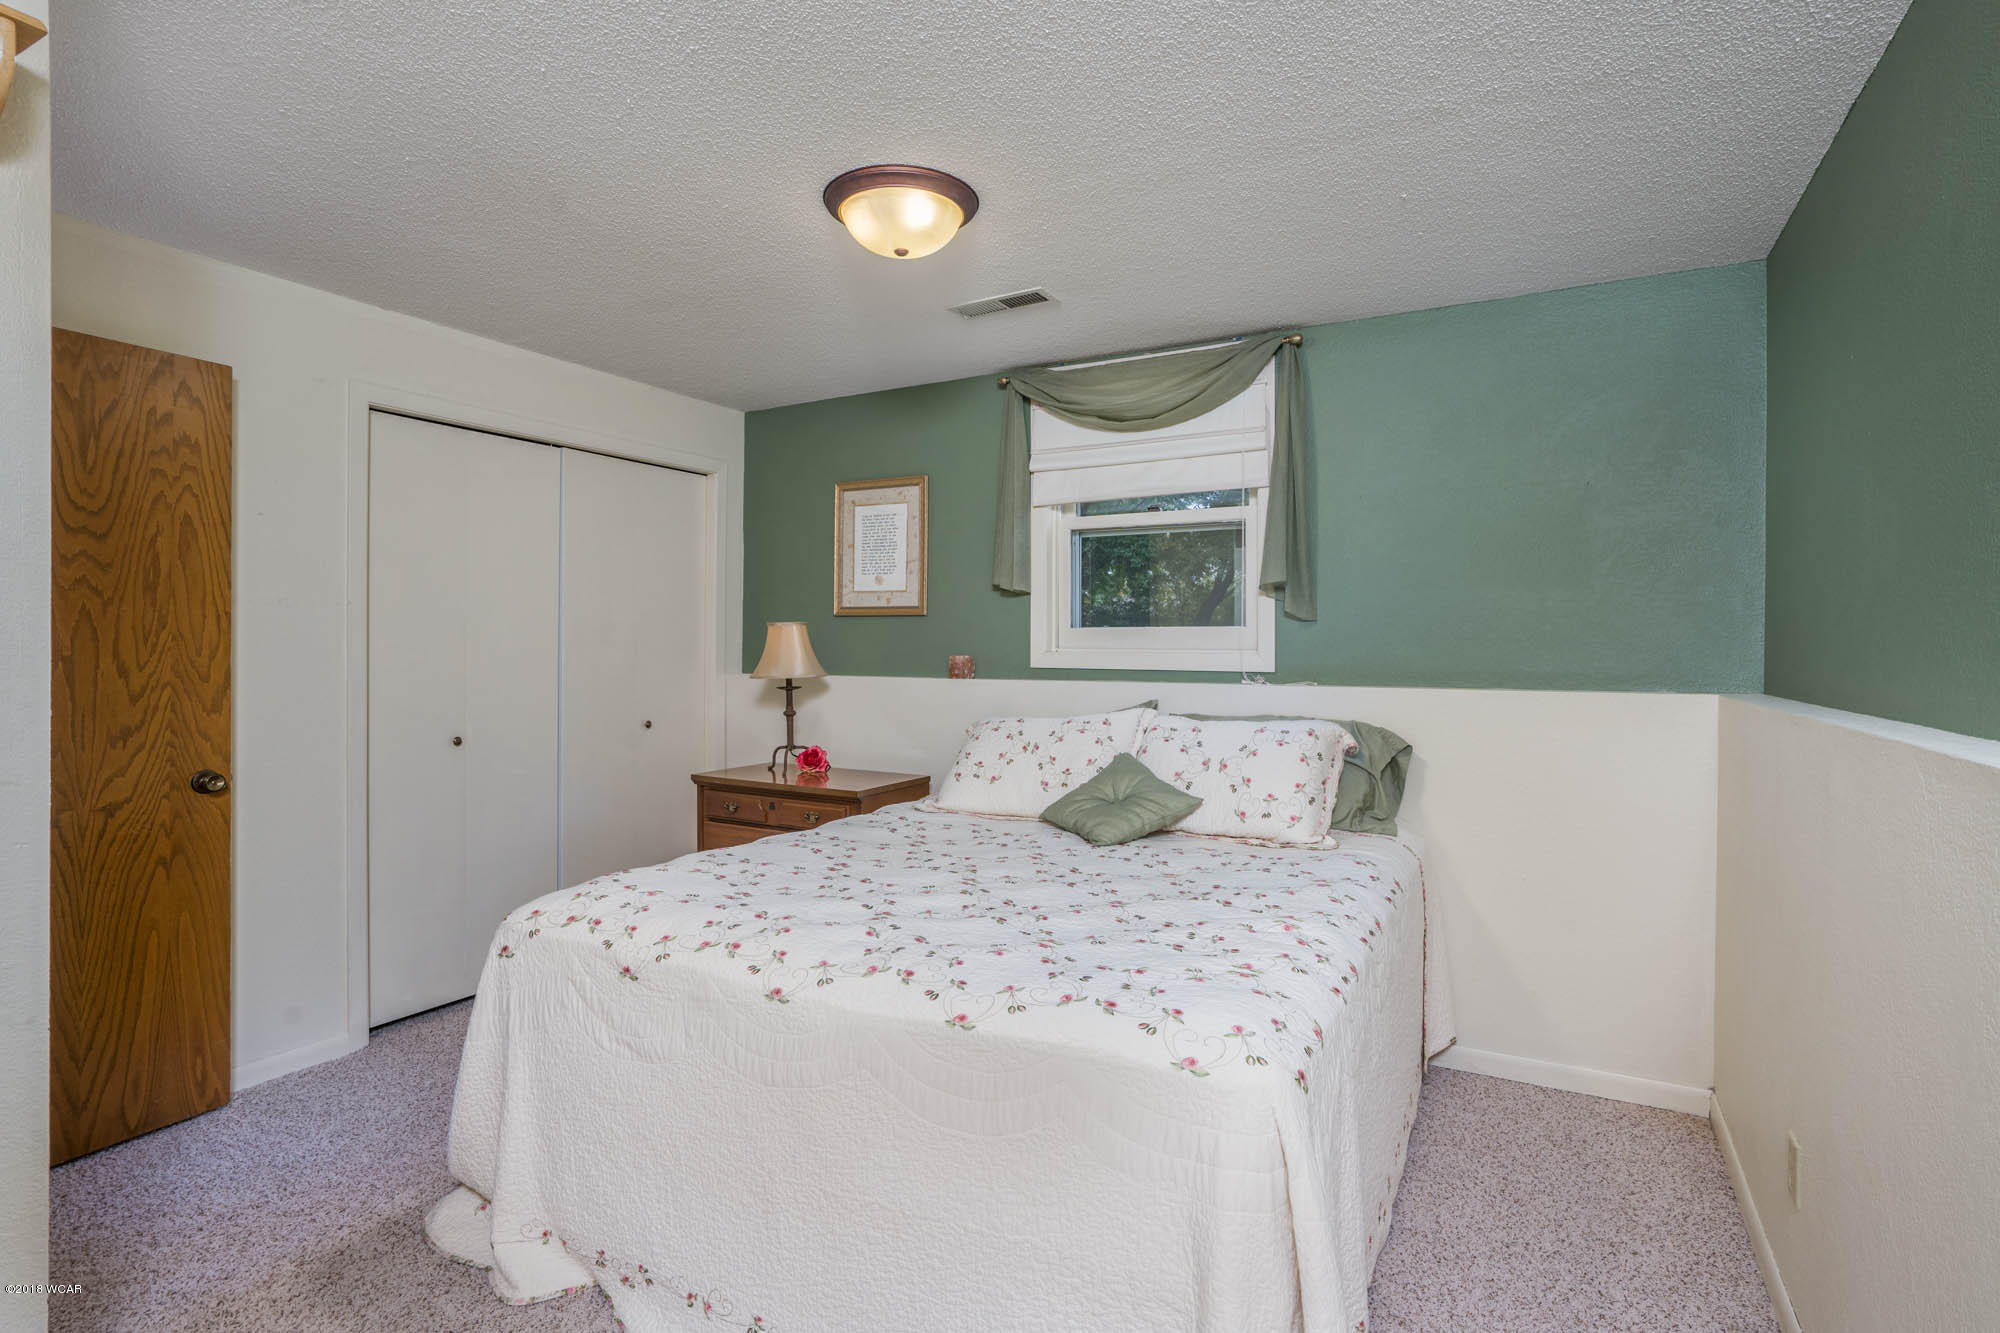 880 Horseshoe Drive,Willmar,3 Bedrooms Bedrooms,2 BathroomsBathrooms,Single Family,Horseshoe Drive,6032512